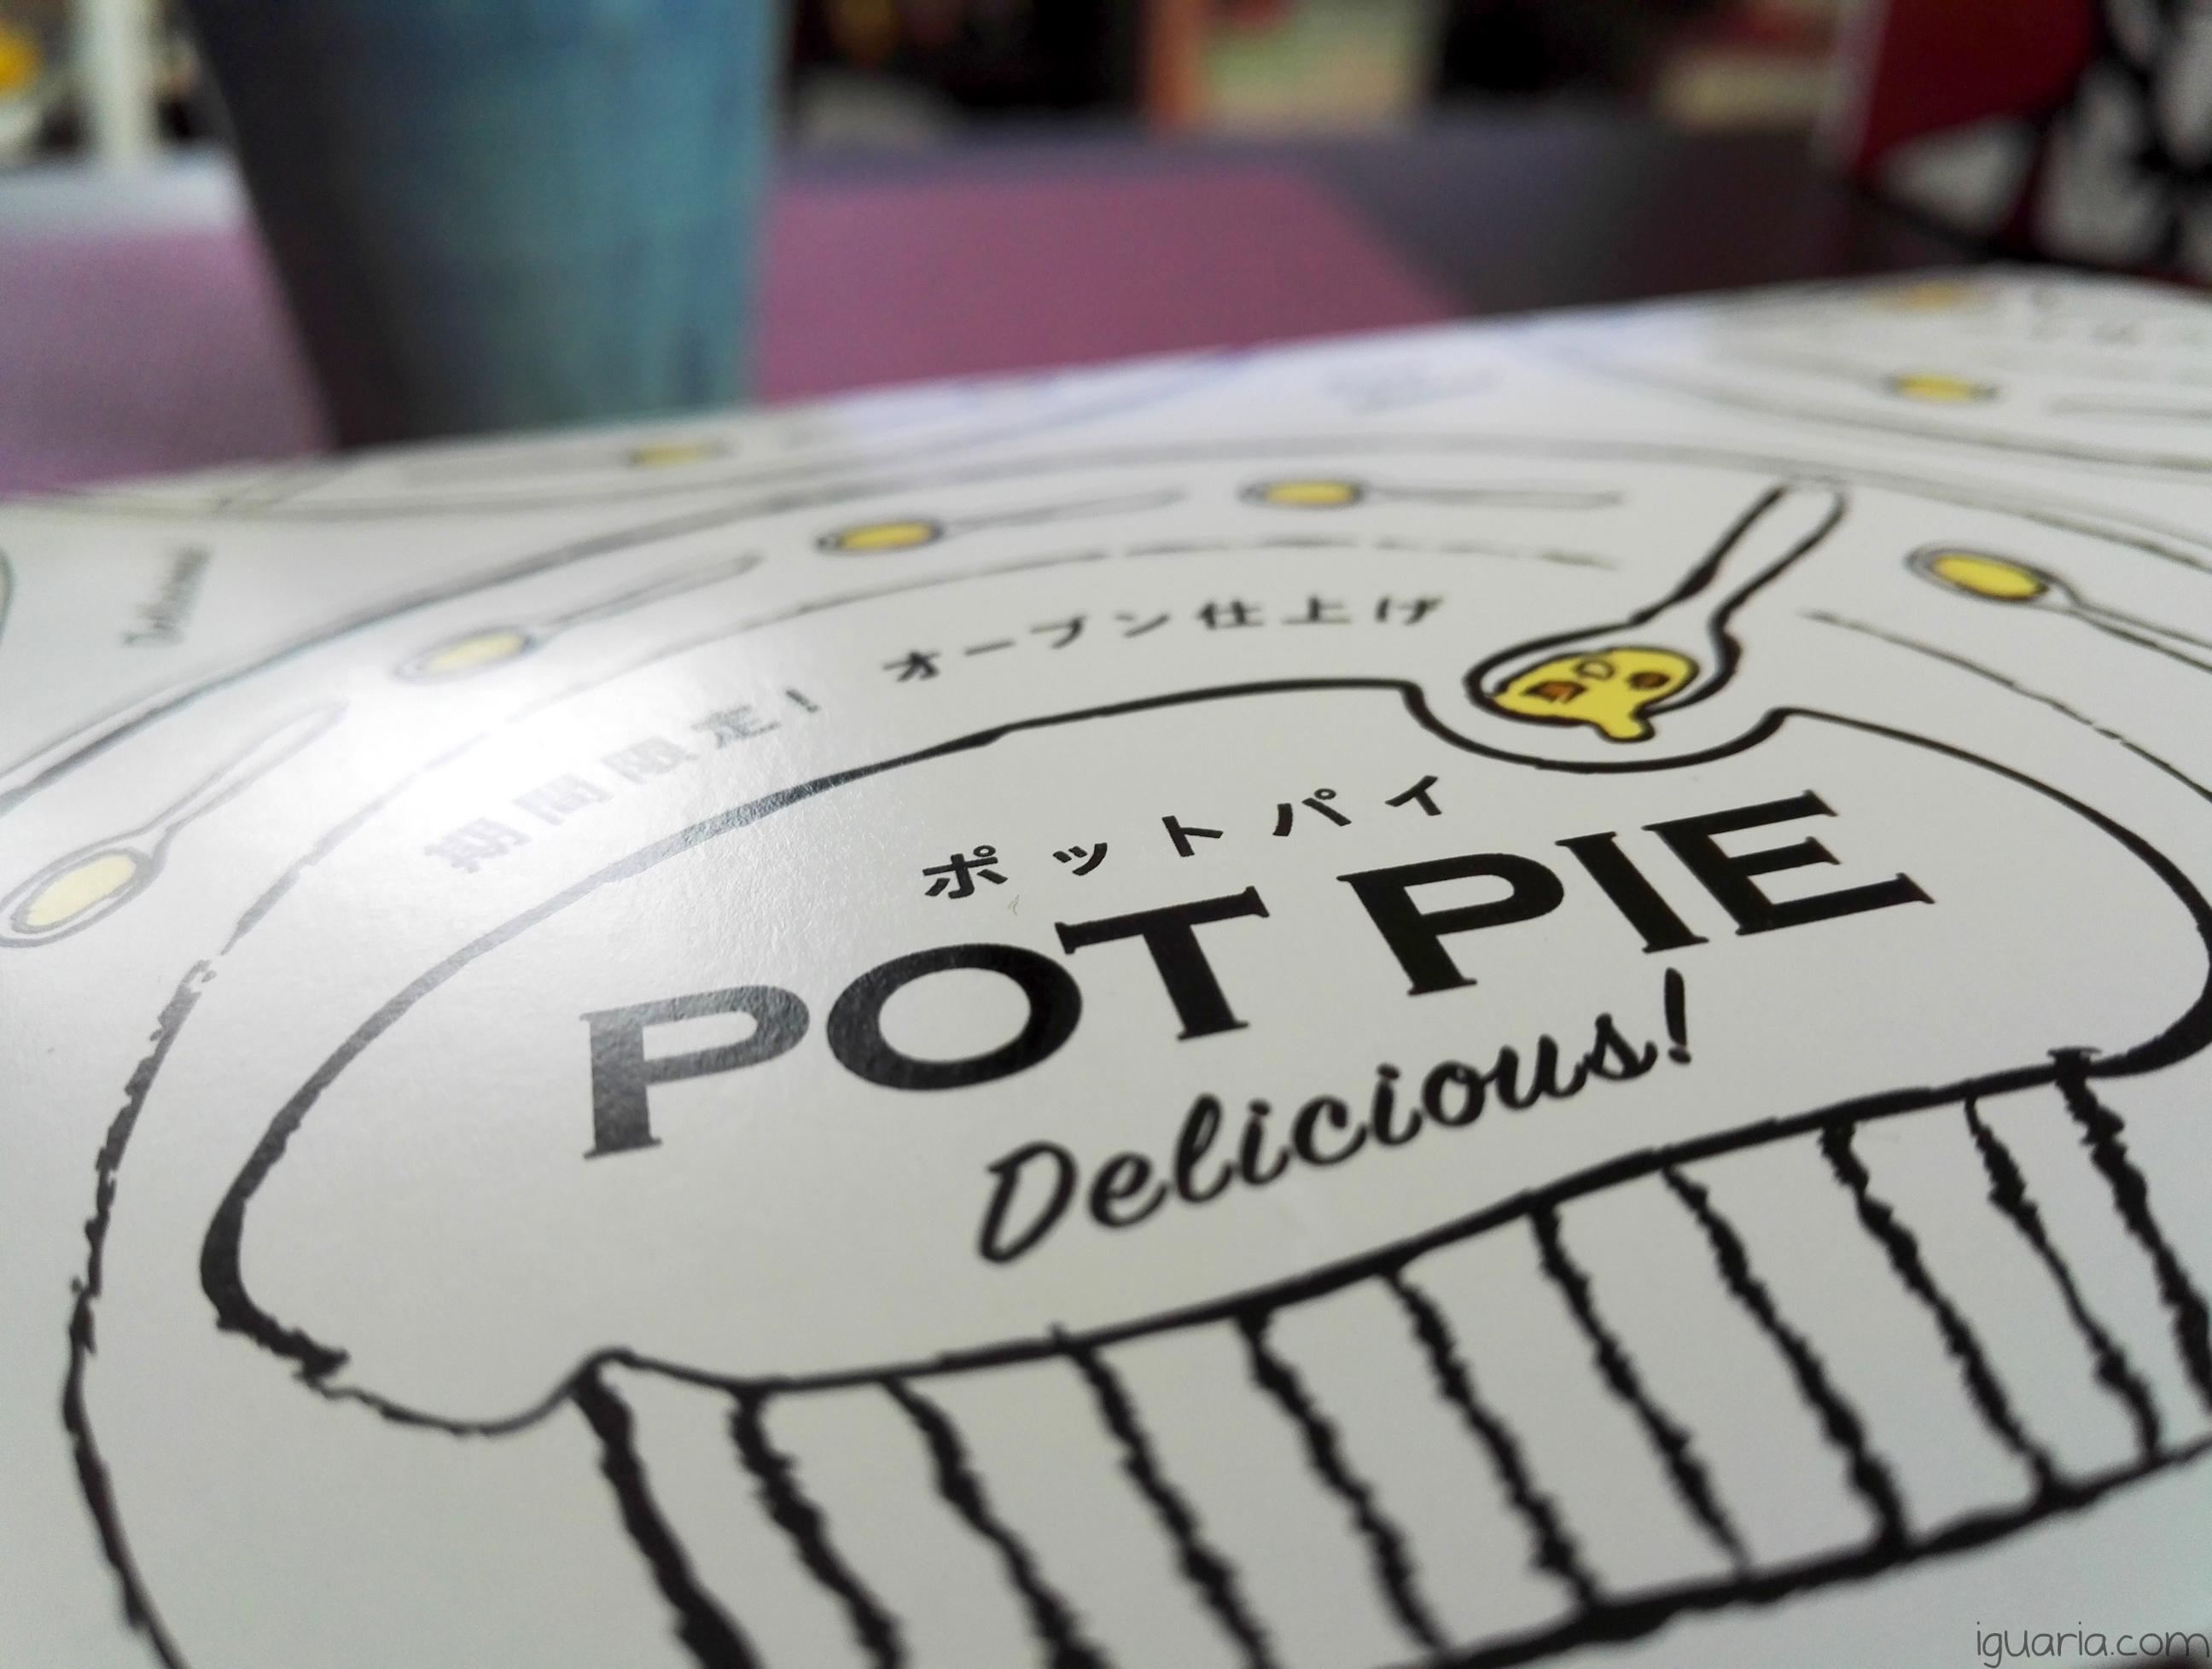 KFC Pot Pie · Iguaria Receita e Culinária - photo#15